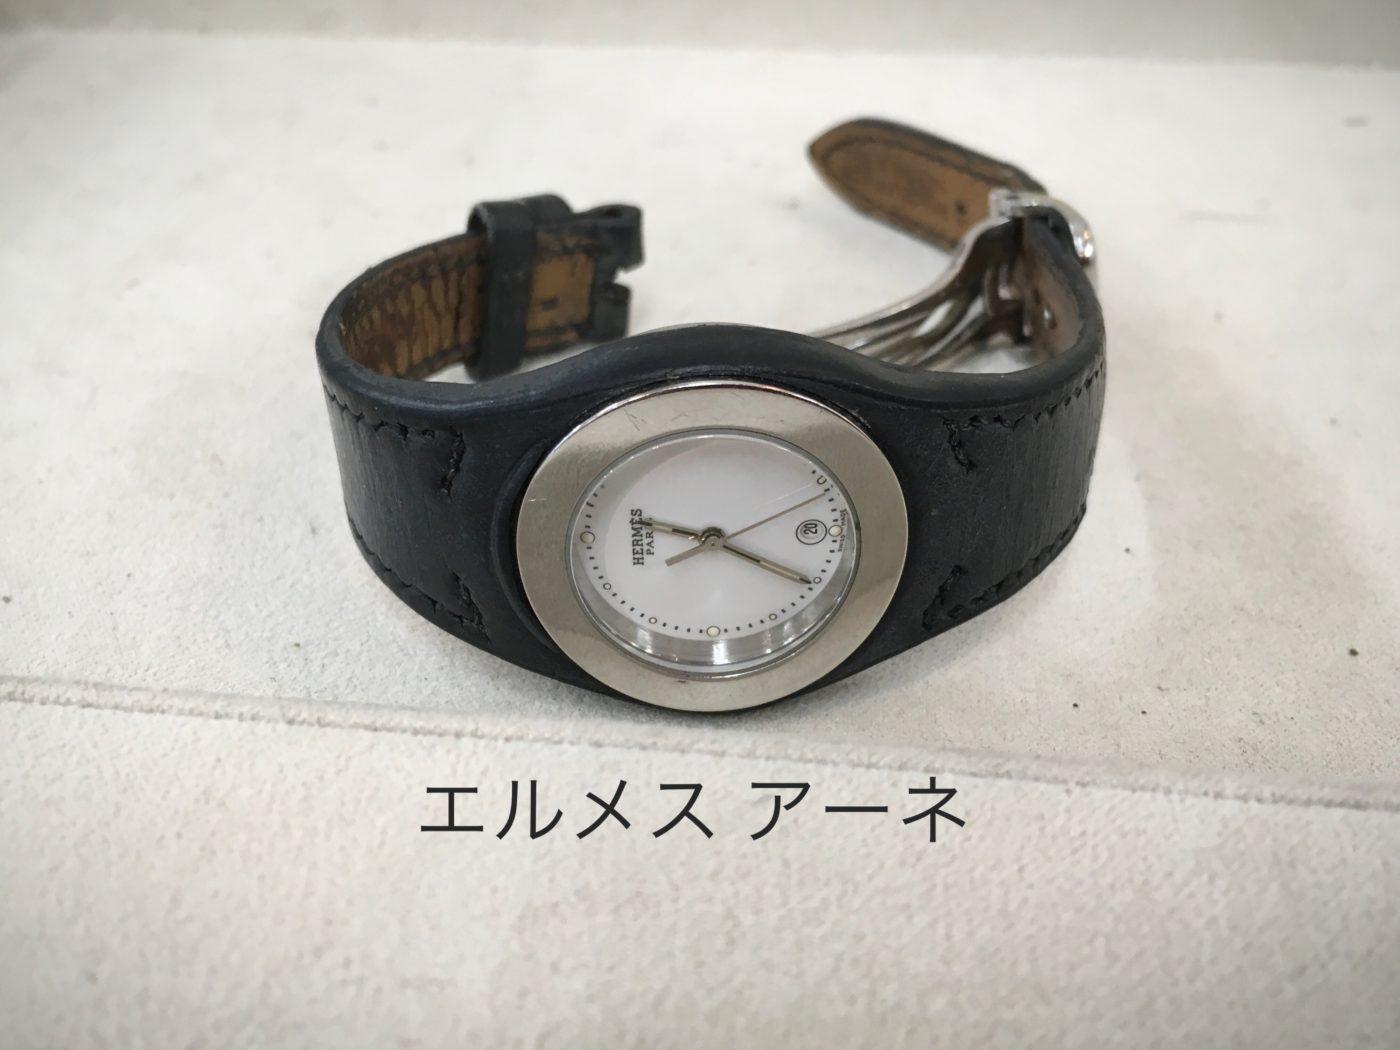 エルメス 腕時計の電池交換 アーネ